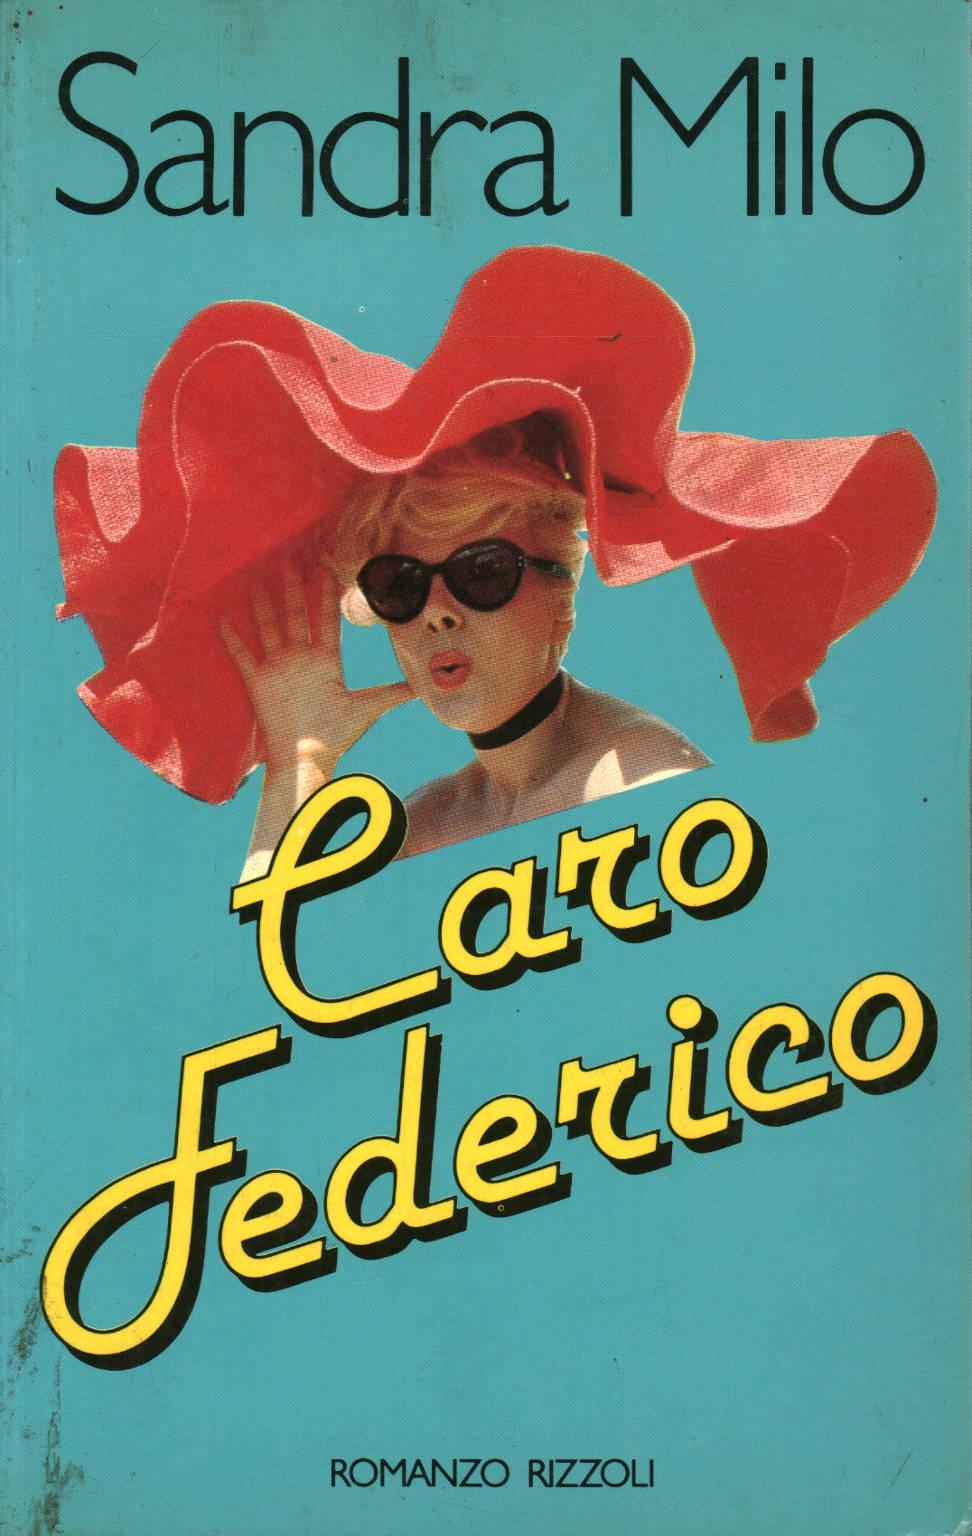 Fig. 2 Copertina del libro di Sandra Milo, Caro Federico, Milano, Rizzoli, 1982